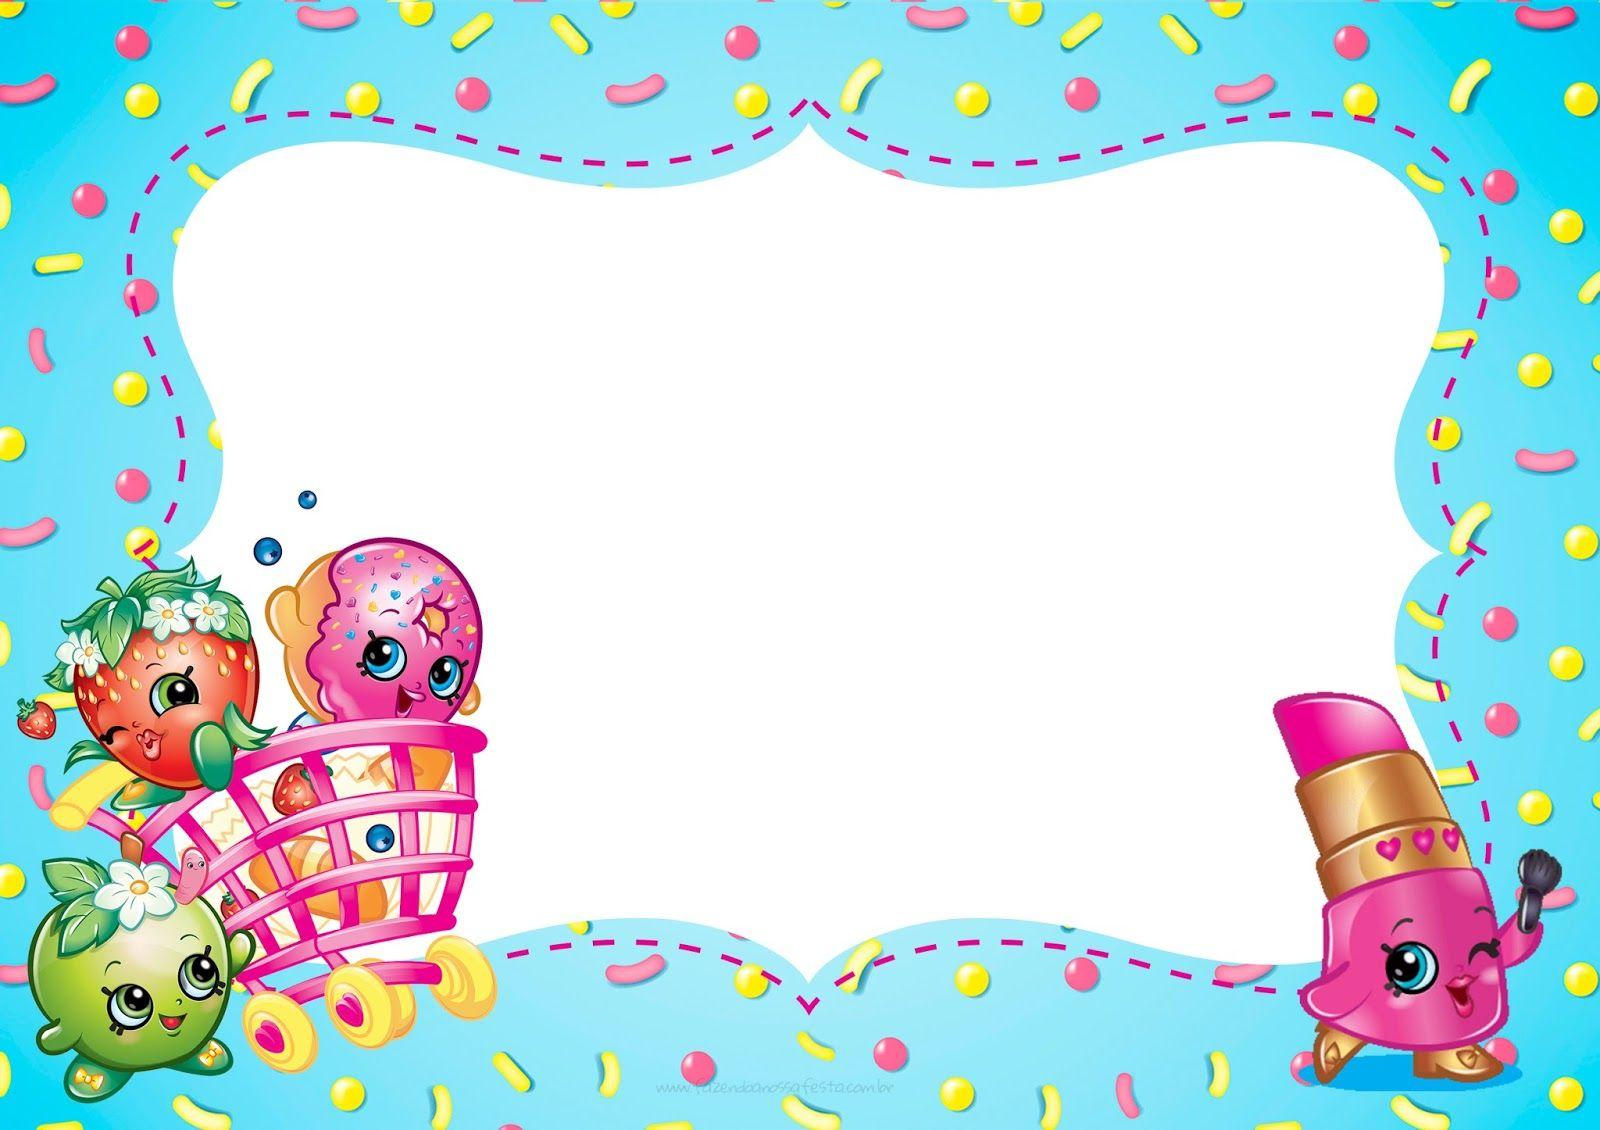 Imagenes Escolares Para Imprimir: Shopkins: Invitaciones Para Imprimir Gratis.